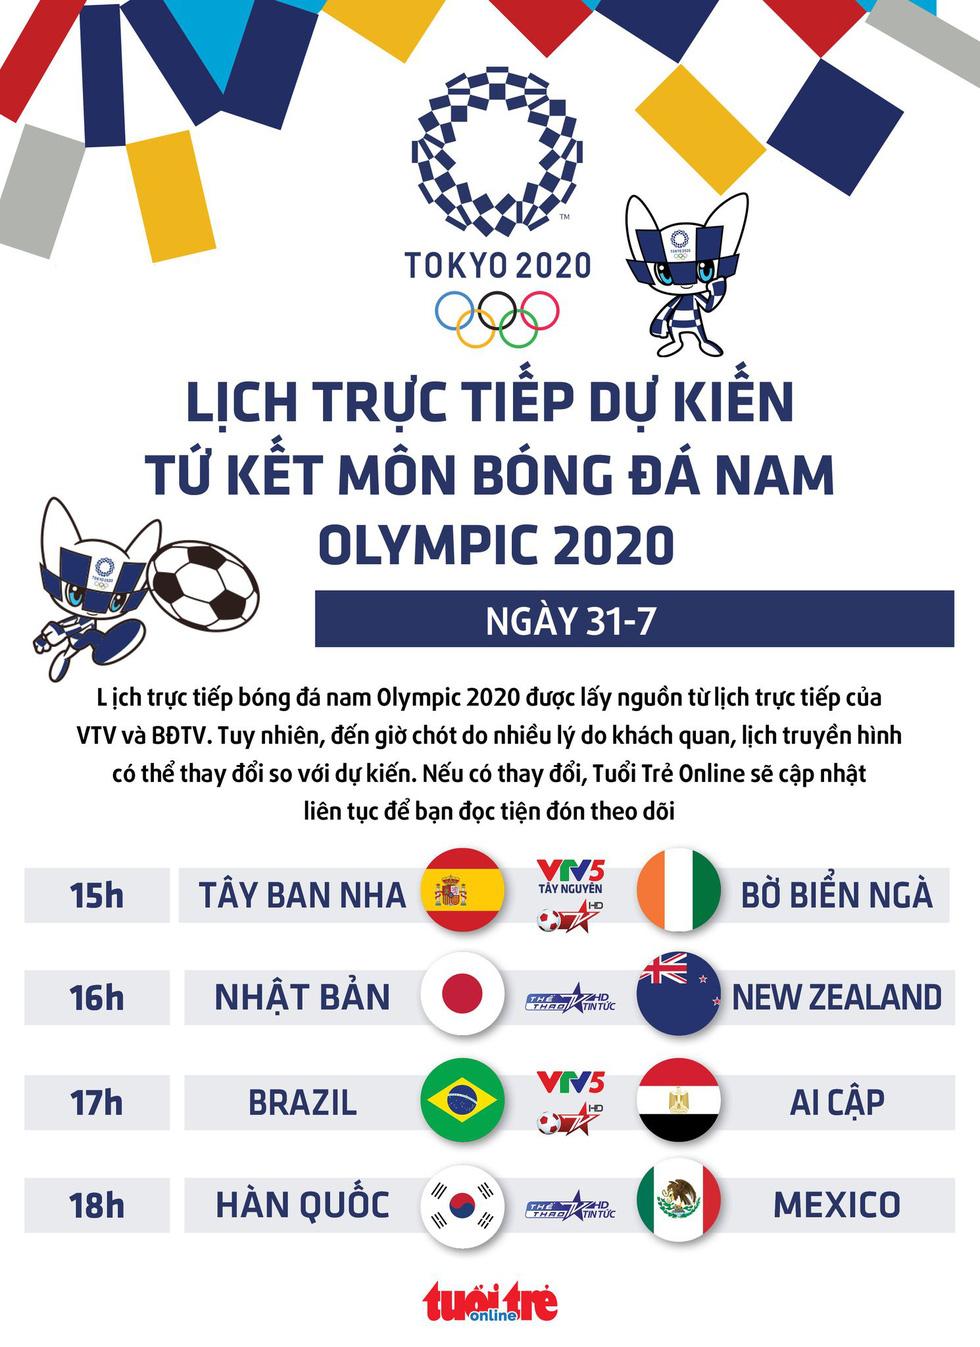 Lịch trực tiếp dự kiến tứ kết bóng đá nam Olympic 2020: Brazil - Ai Cập, Nhật Bản - New Zealand - Ảnh 1.